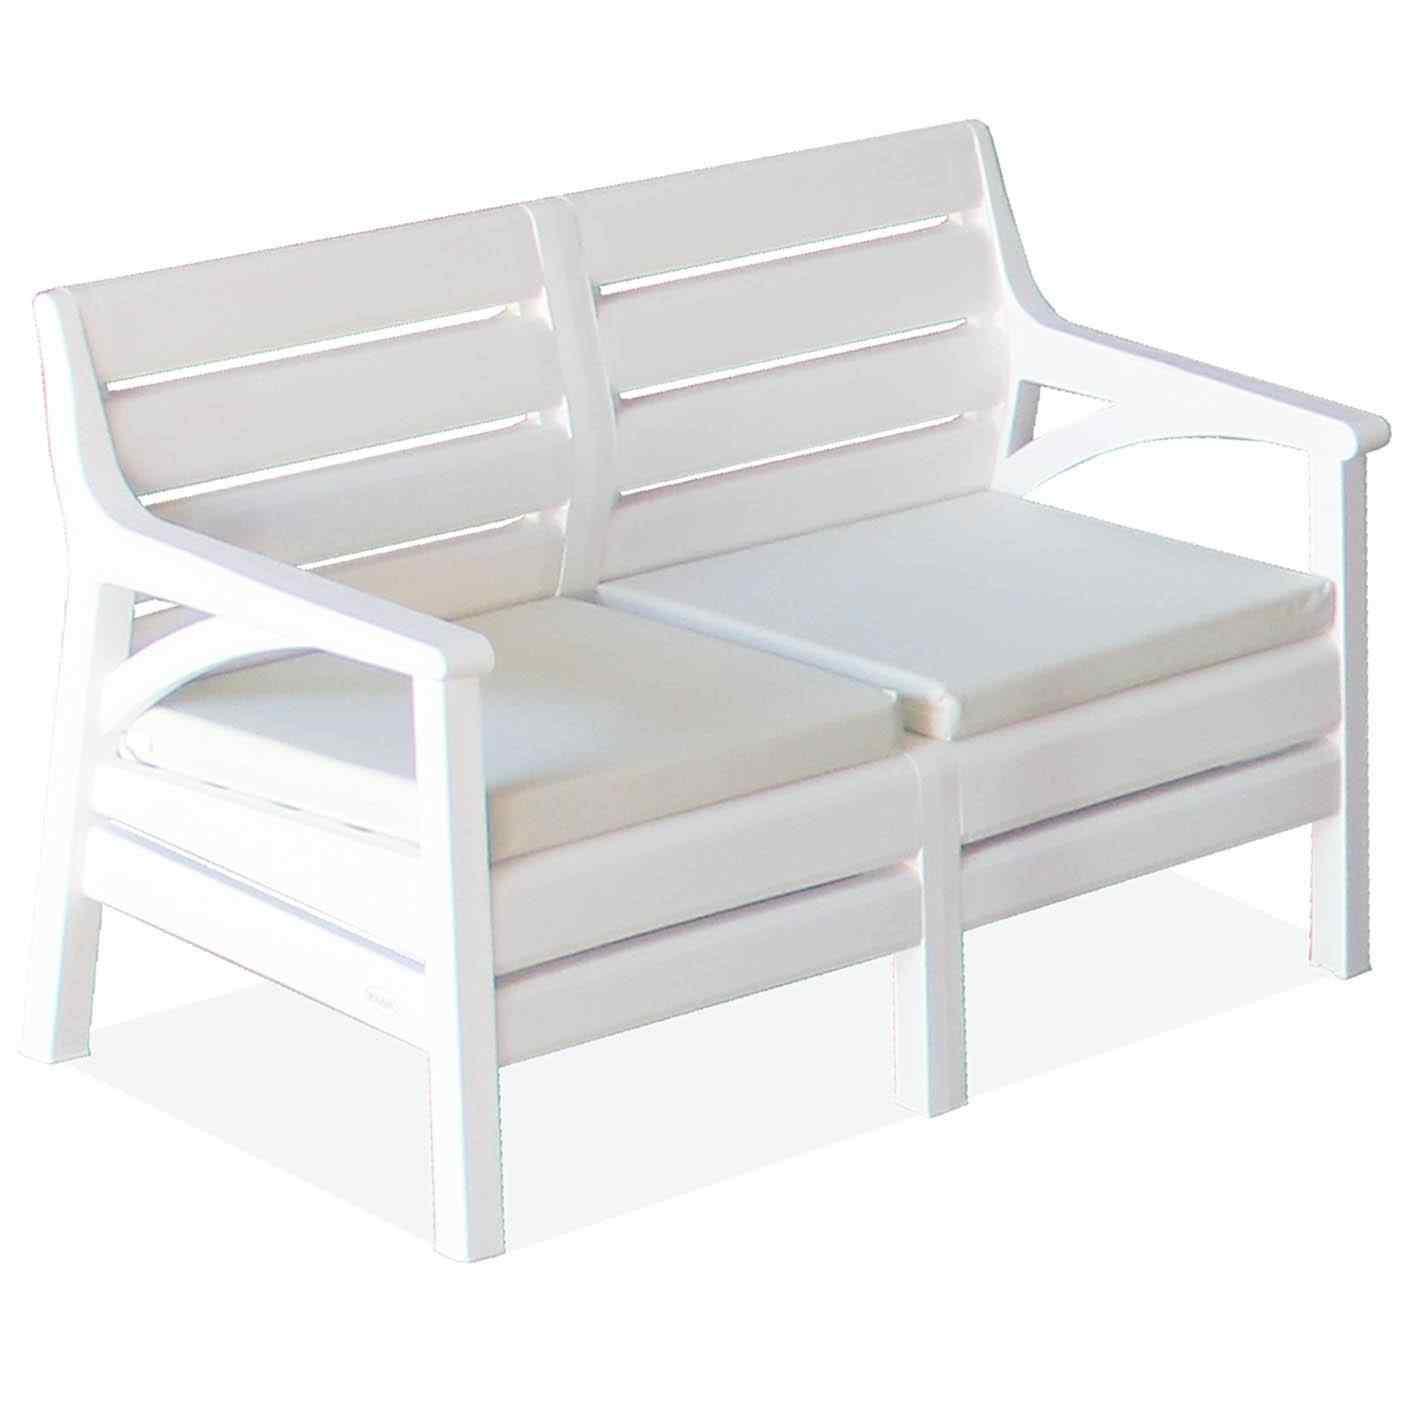 Holiday Osaka Bahçe Mobilyası Oturma Grubu Balkon Koltuk Takımı Beyaz